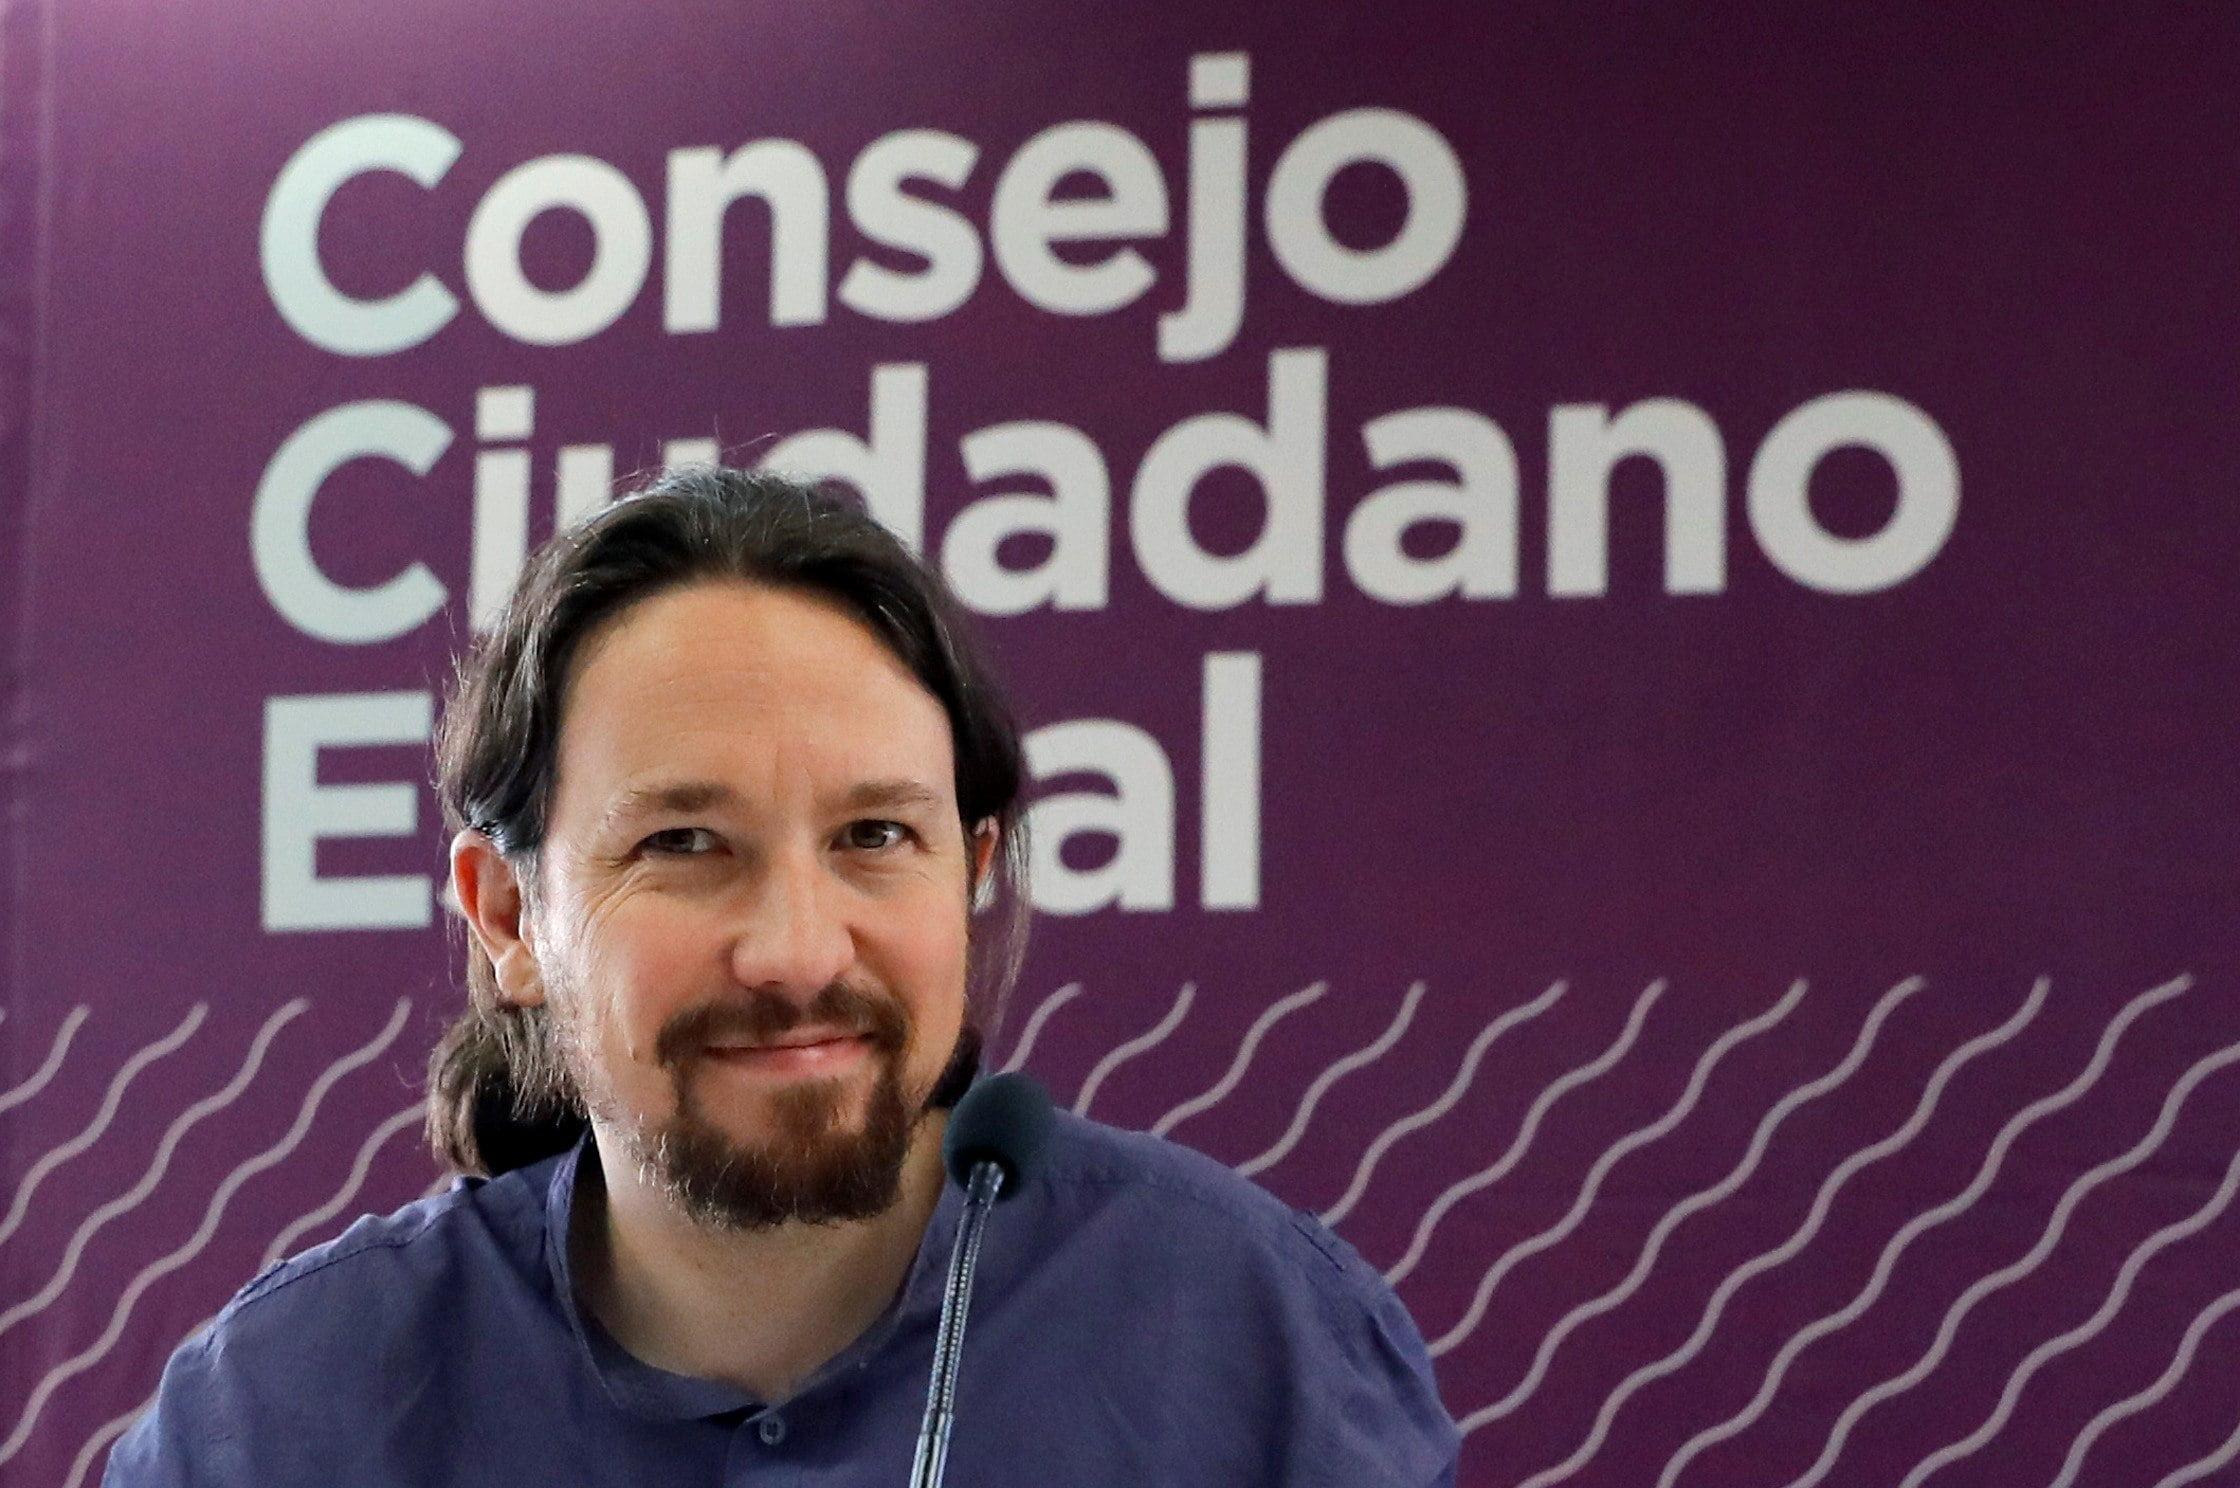 Κατάργηση της ισπανικής γλώσσας από τον Ιγκλέσιας